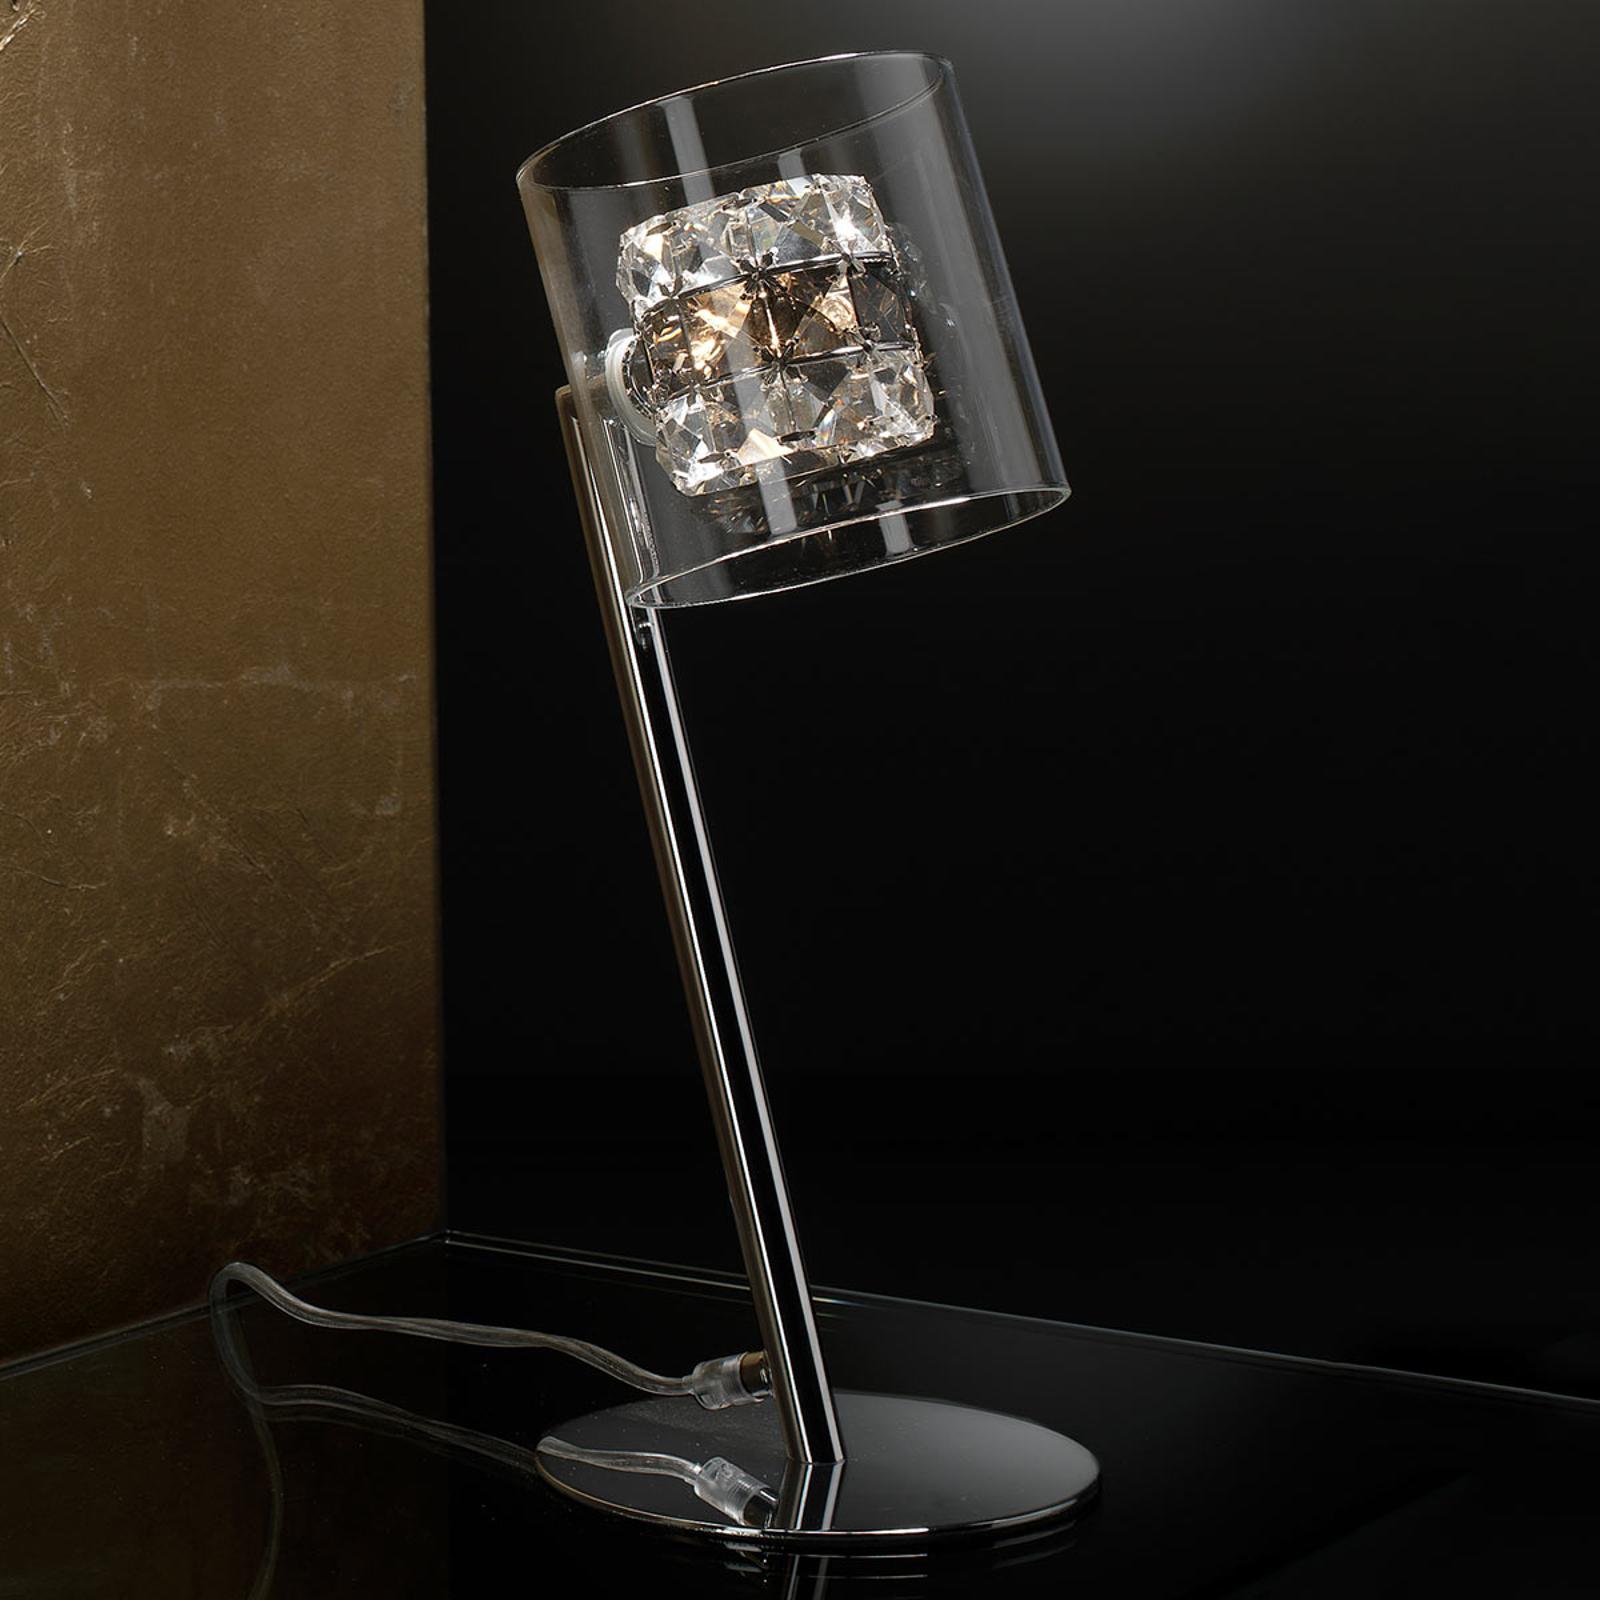 LED-Tischleuchte Flash mit Kristallringen